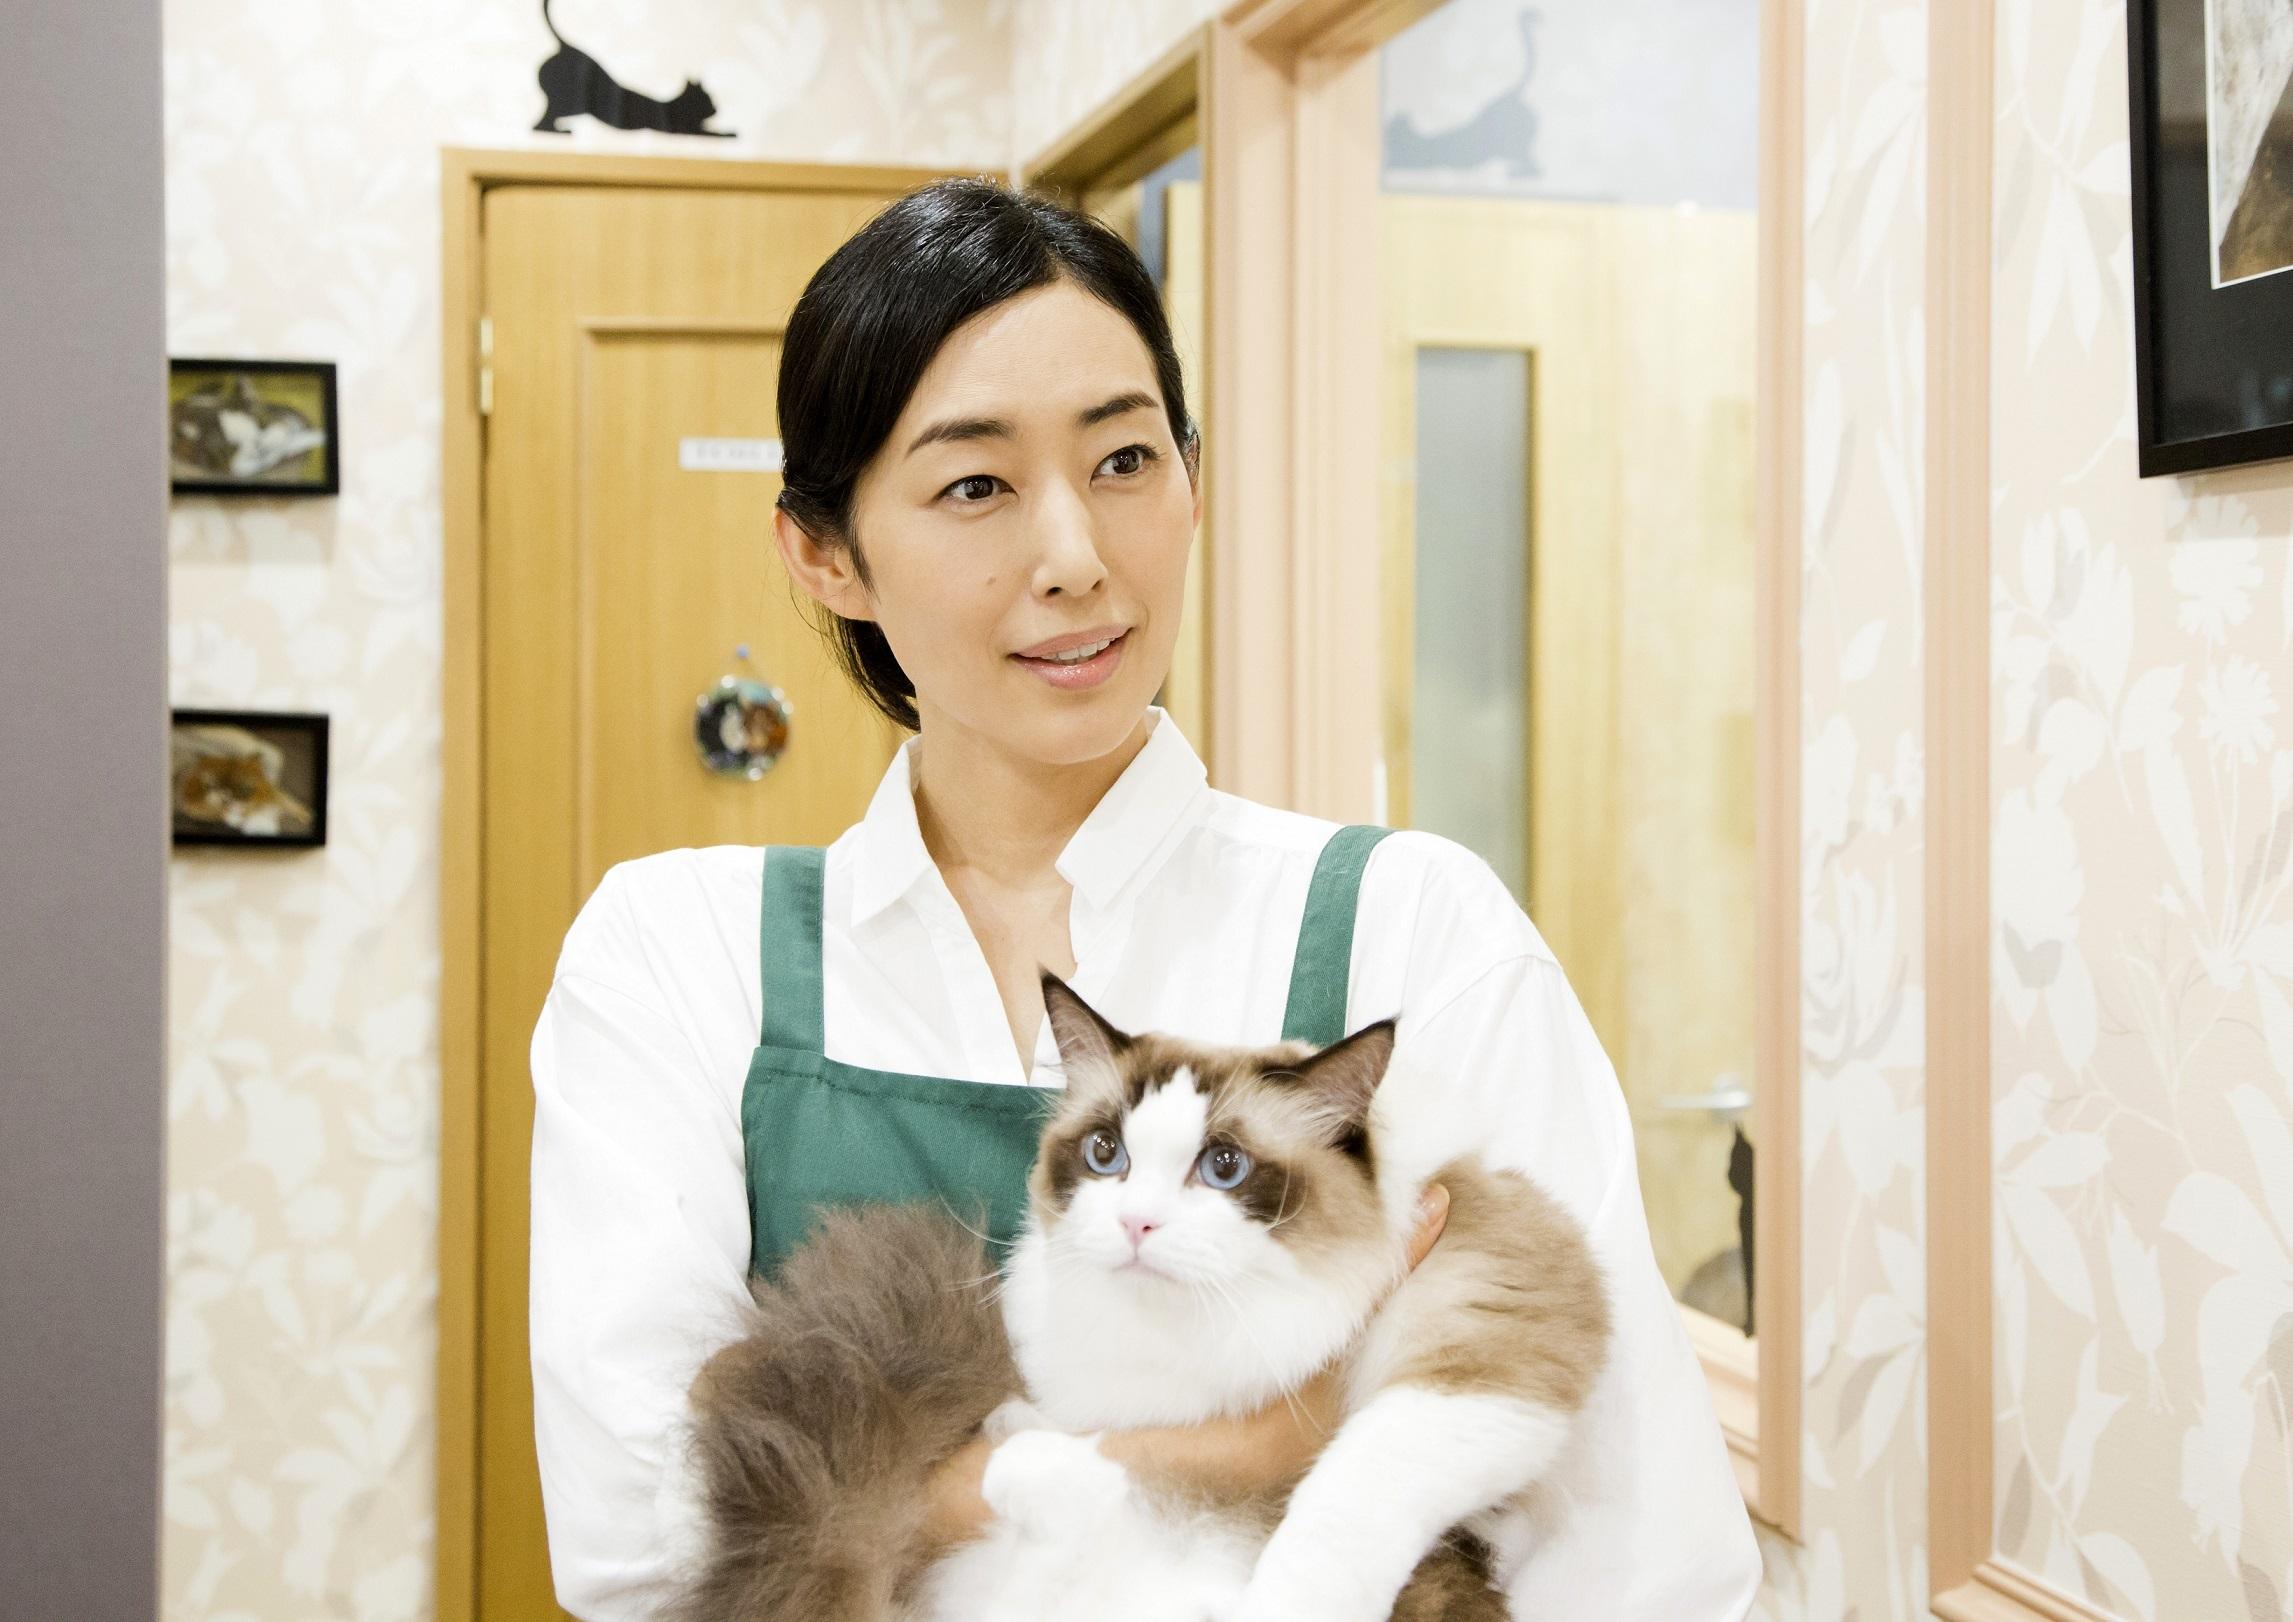 木村多江 (C)2017 Hit-Point/『映画ねこあつめ』製作委員会